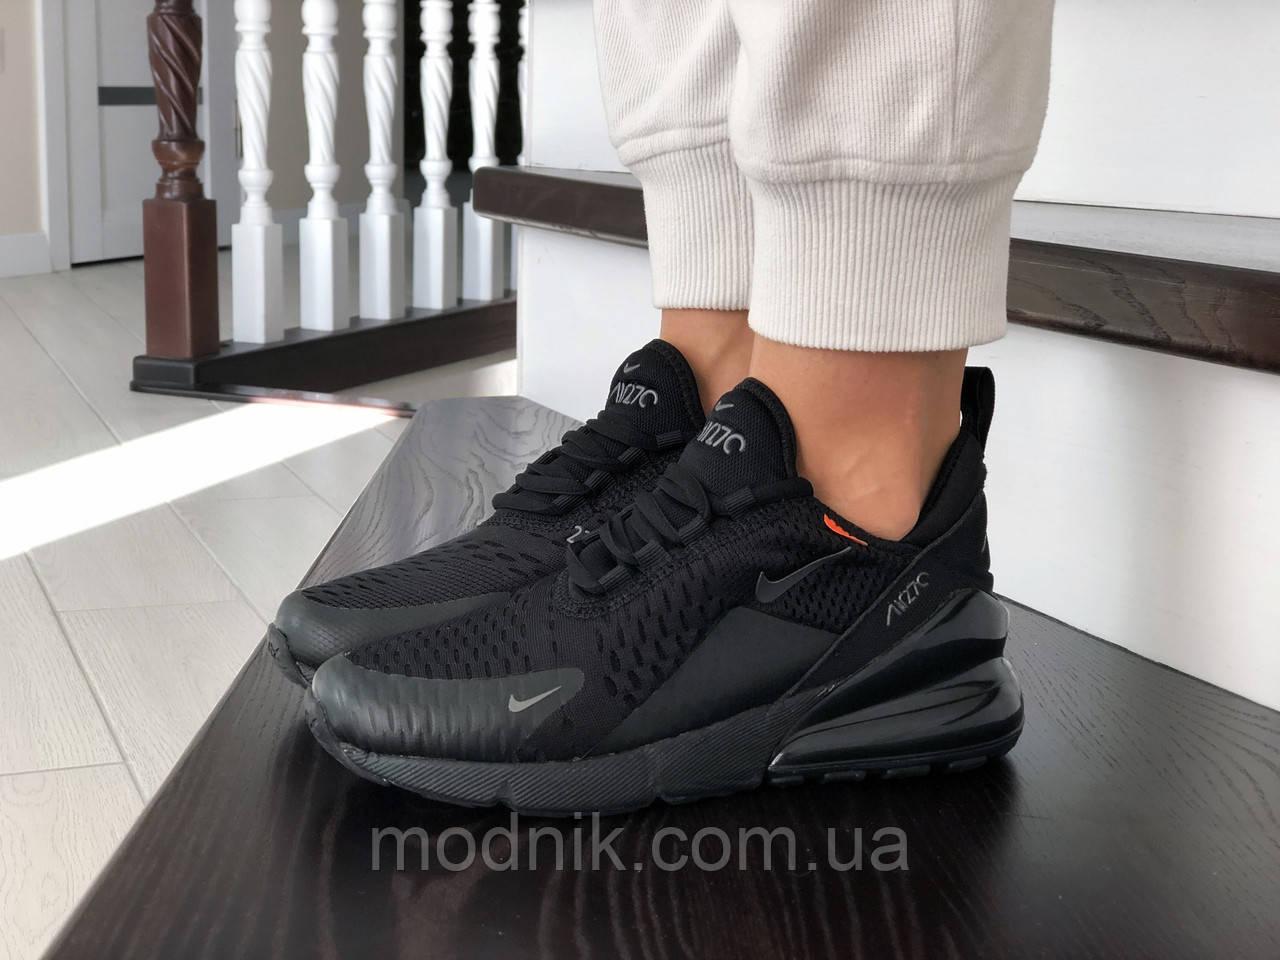 Женские кроссовки Nike Air Max 270 (черные) - Индонезия